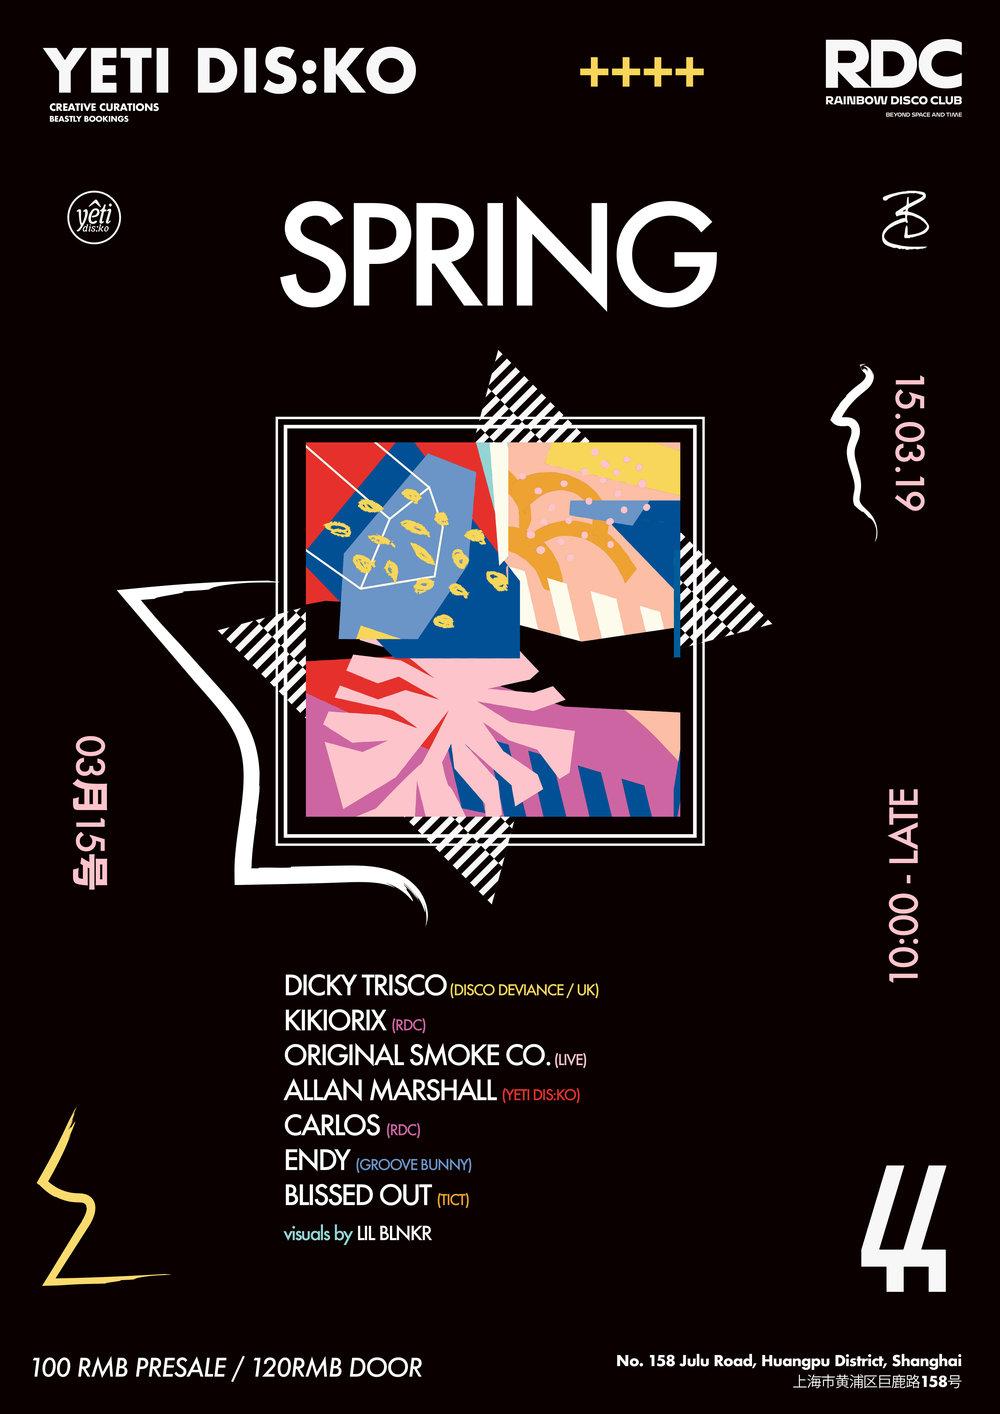 spring-yeti-rainbow-disco-club-44kw-shanghai-flyer